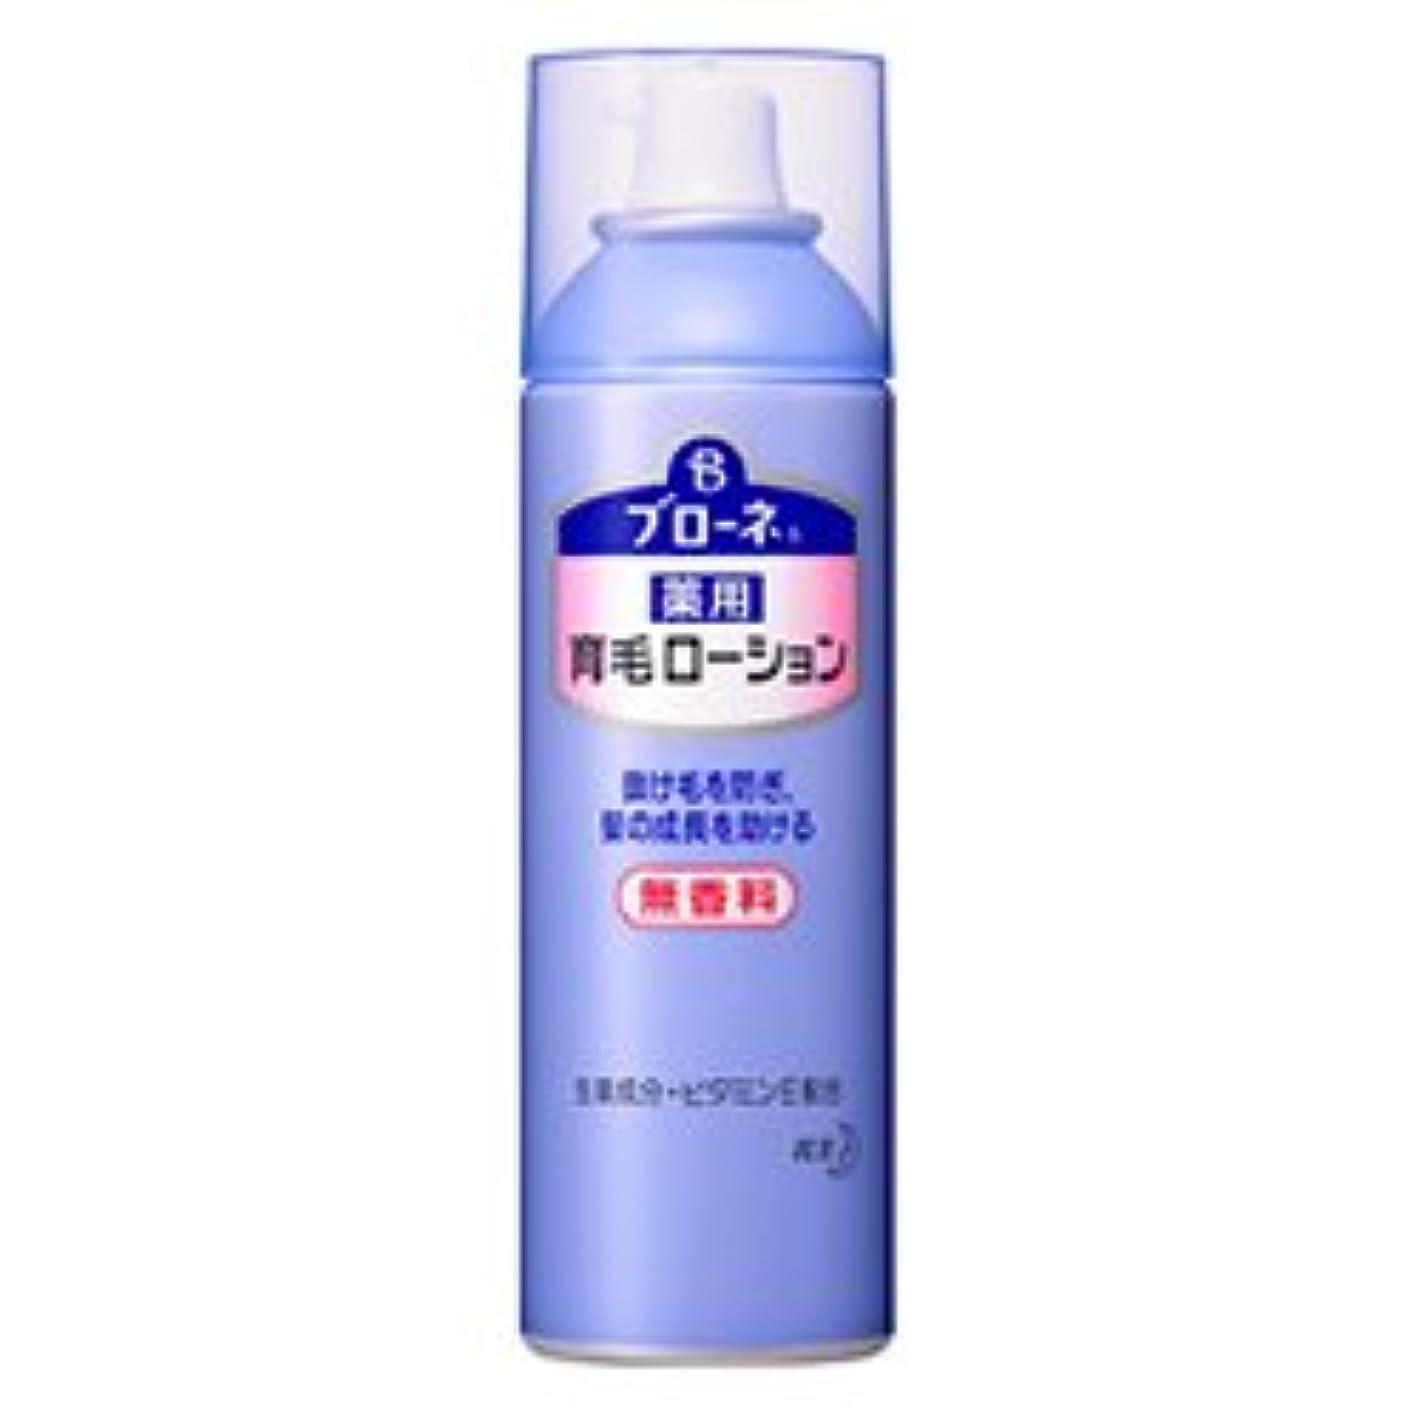 腐敗した穏やかなグリース【花王】ブローネ 薬用育毛ローション 無香料 (180g) ×10個セット